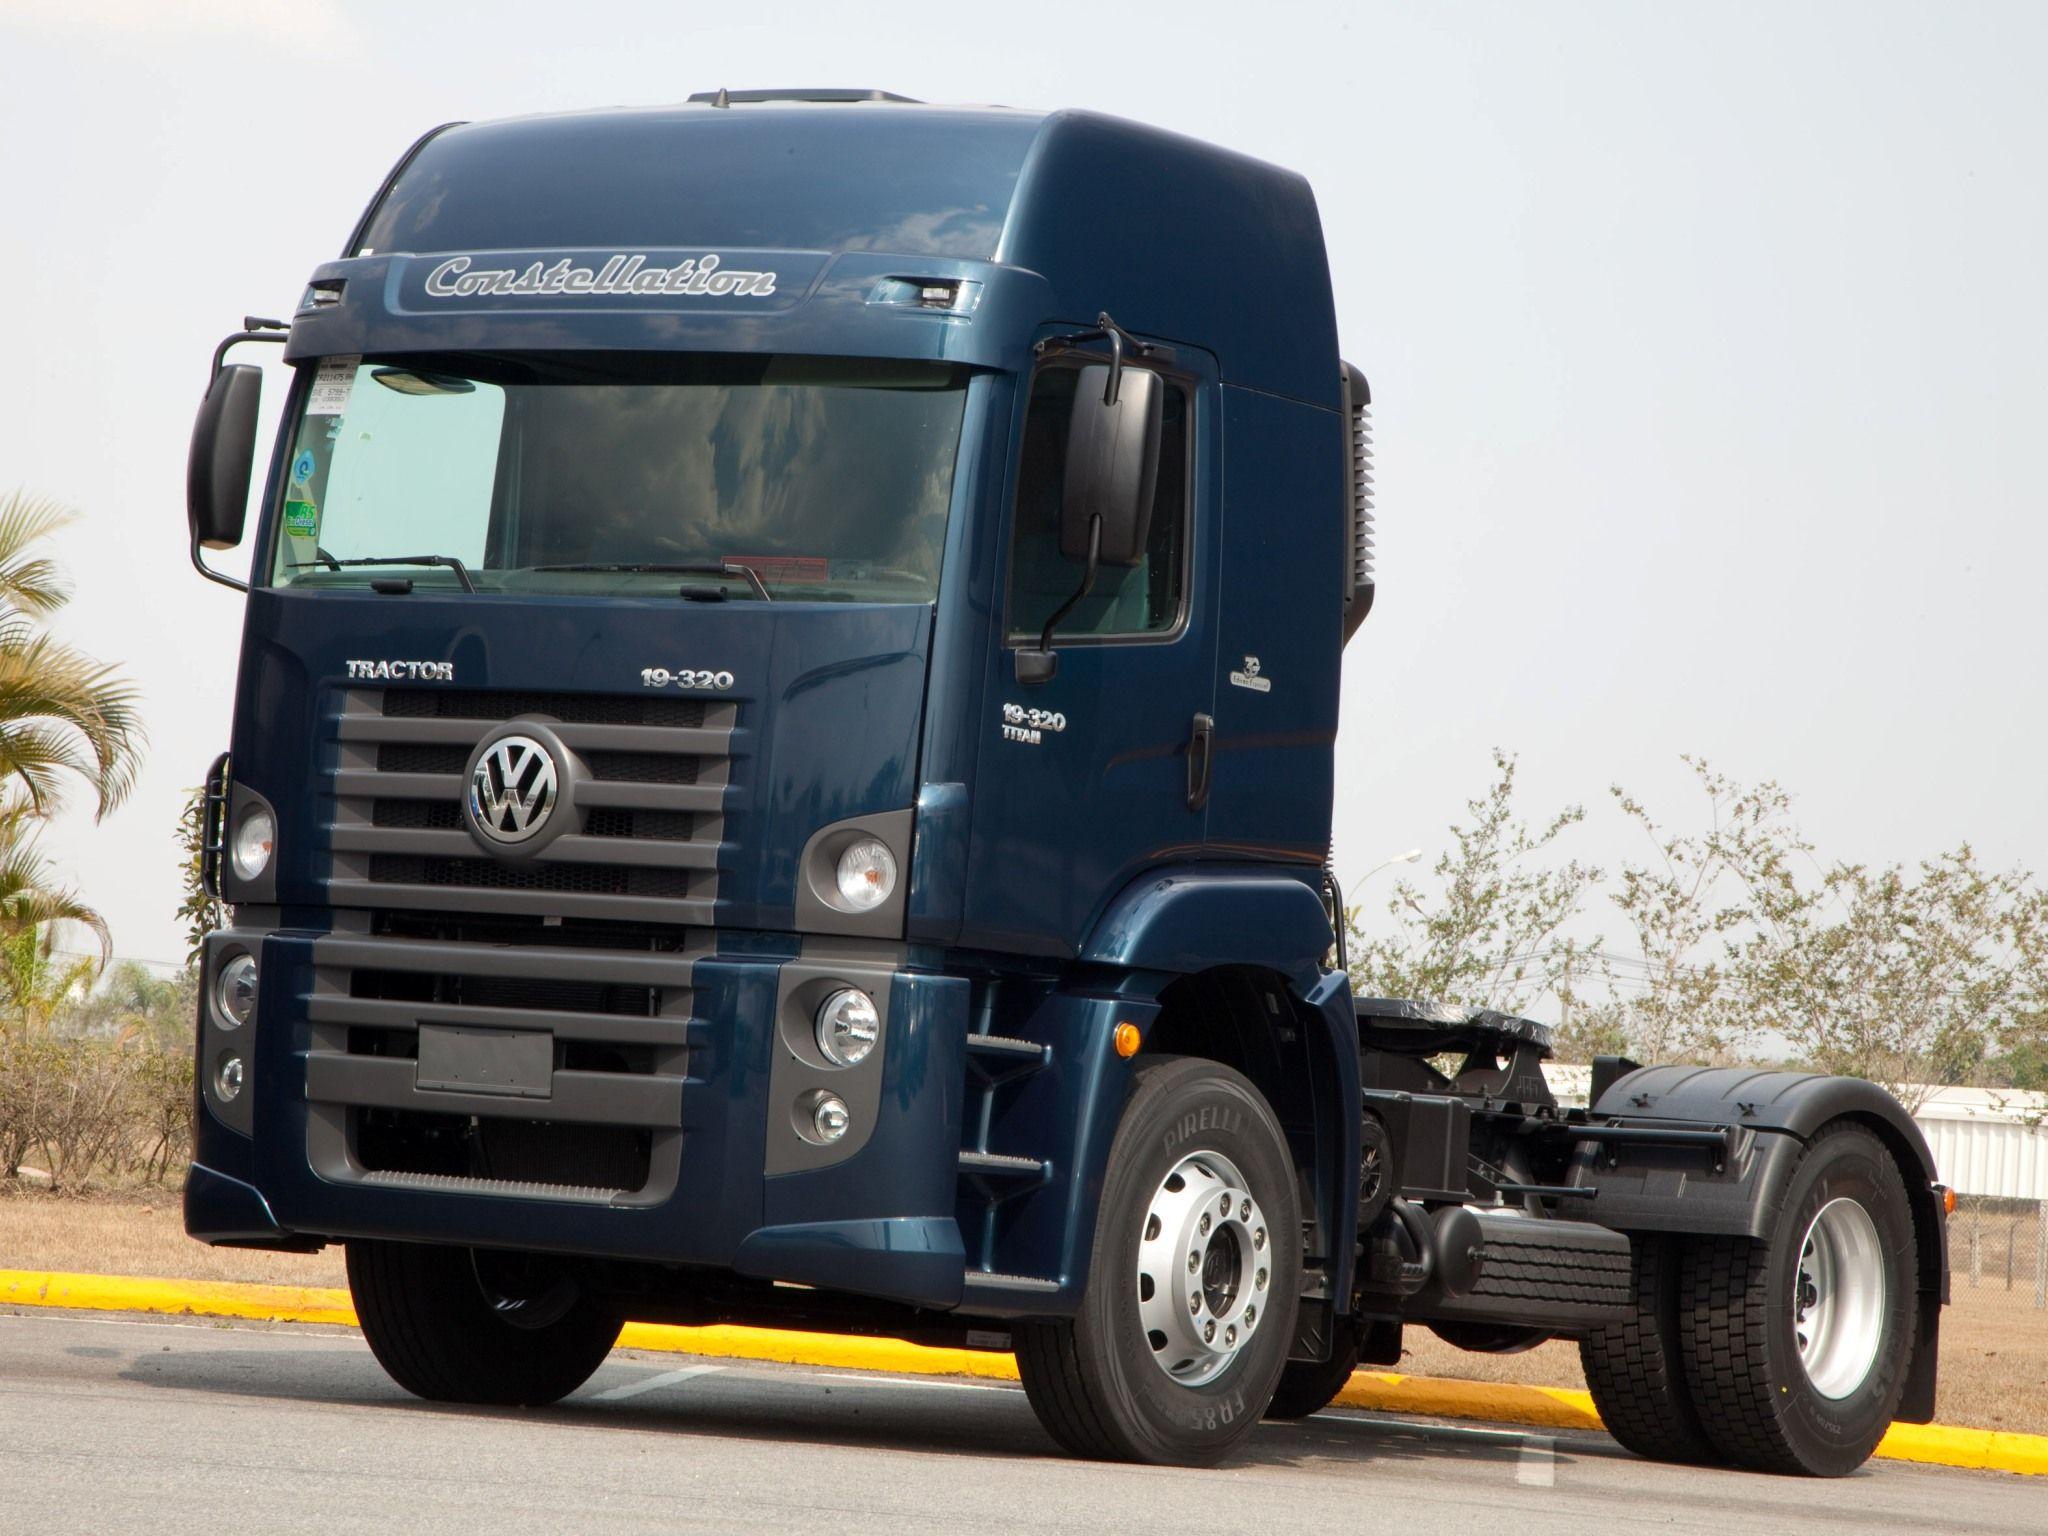 Volkswagen Constellation Titan Tractor 19 320 Volkswagen Trucks Tractor Trailers